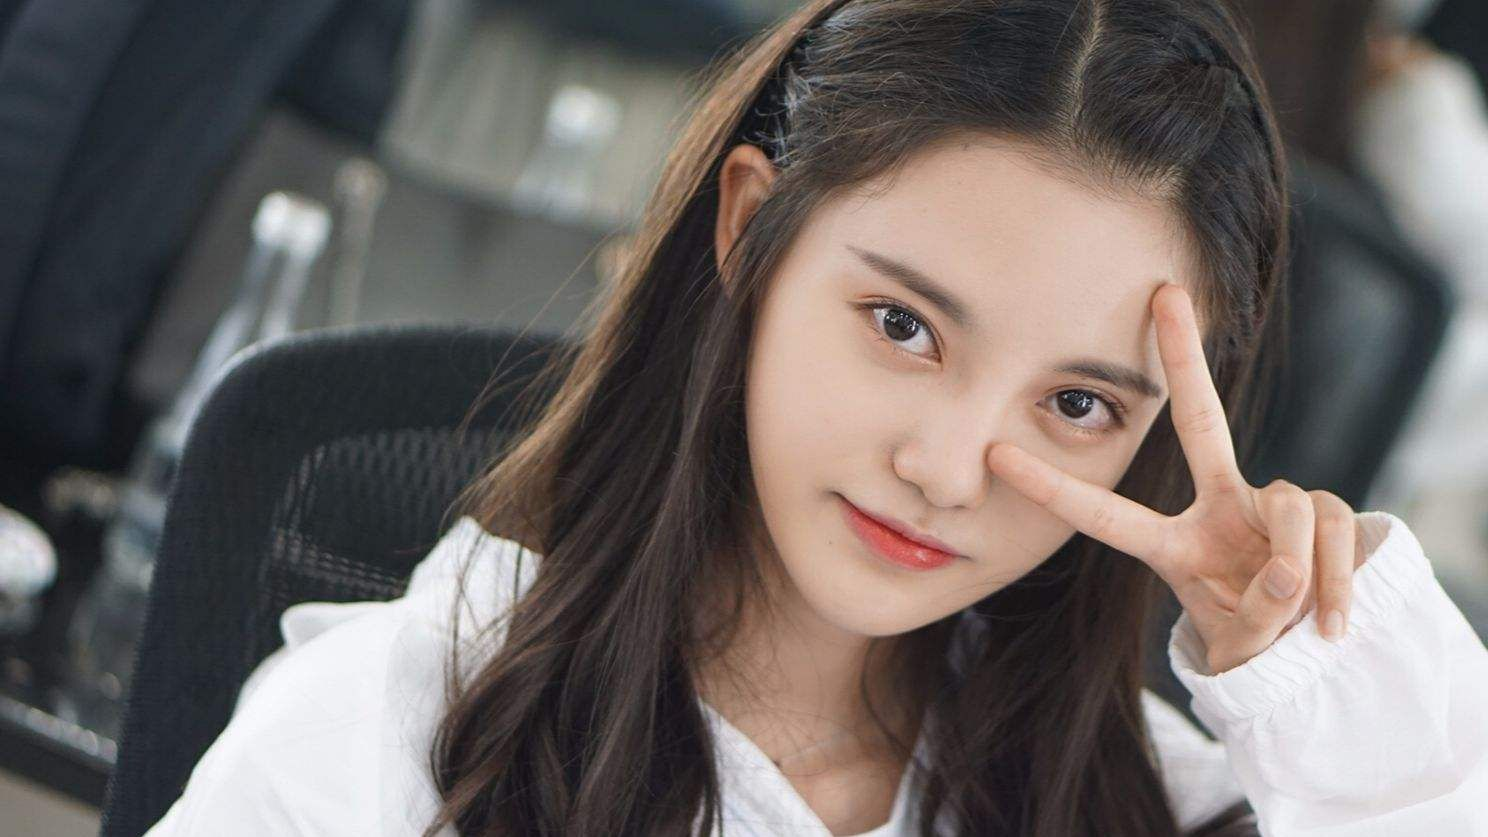 她被誉为2019年最美艺考生,网友:颜值不输杨颖